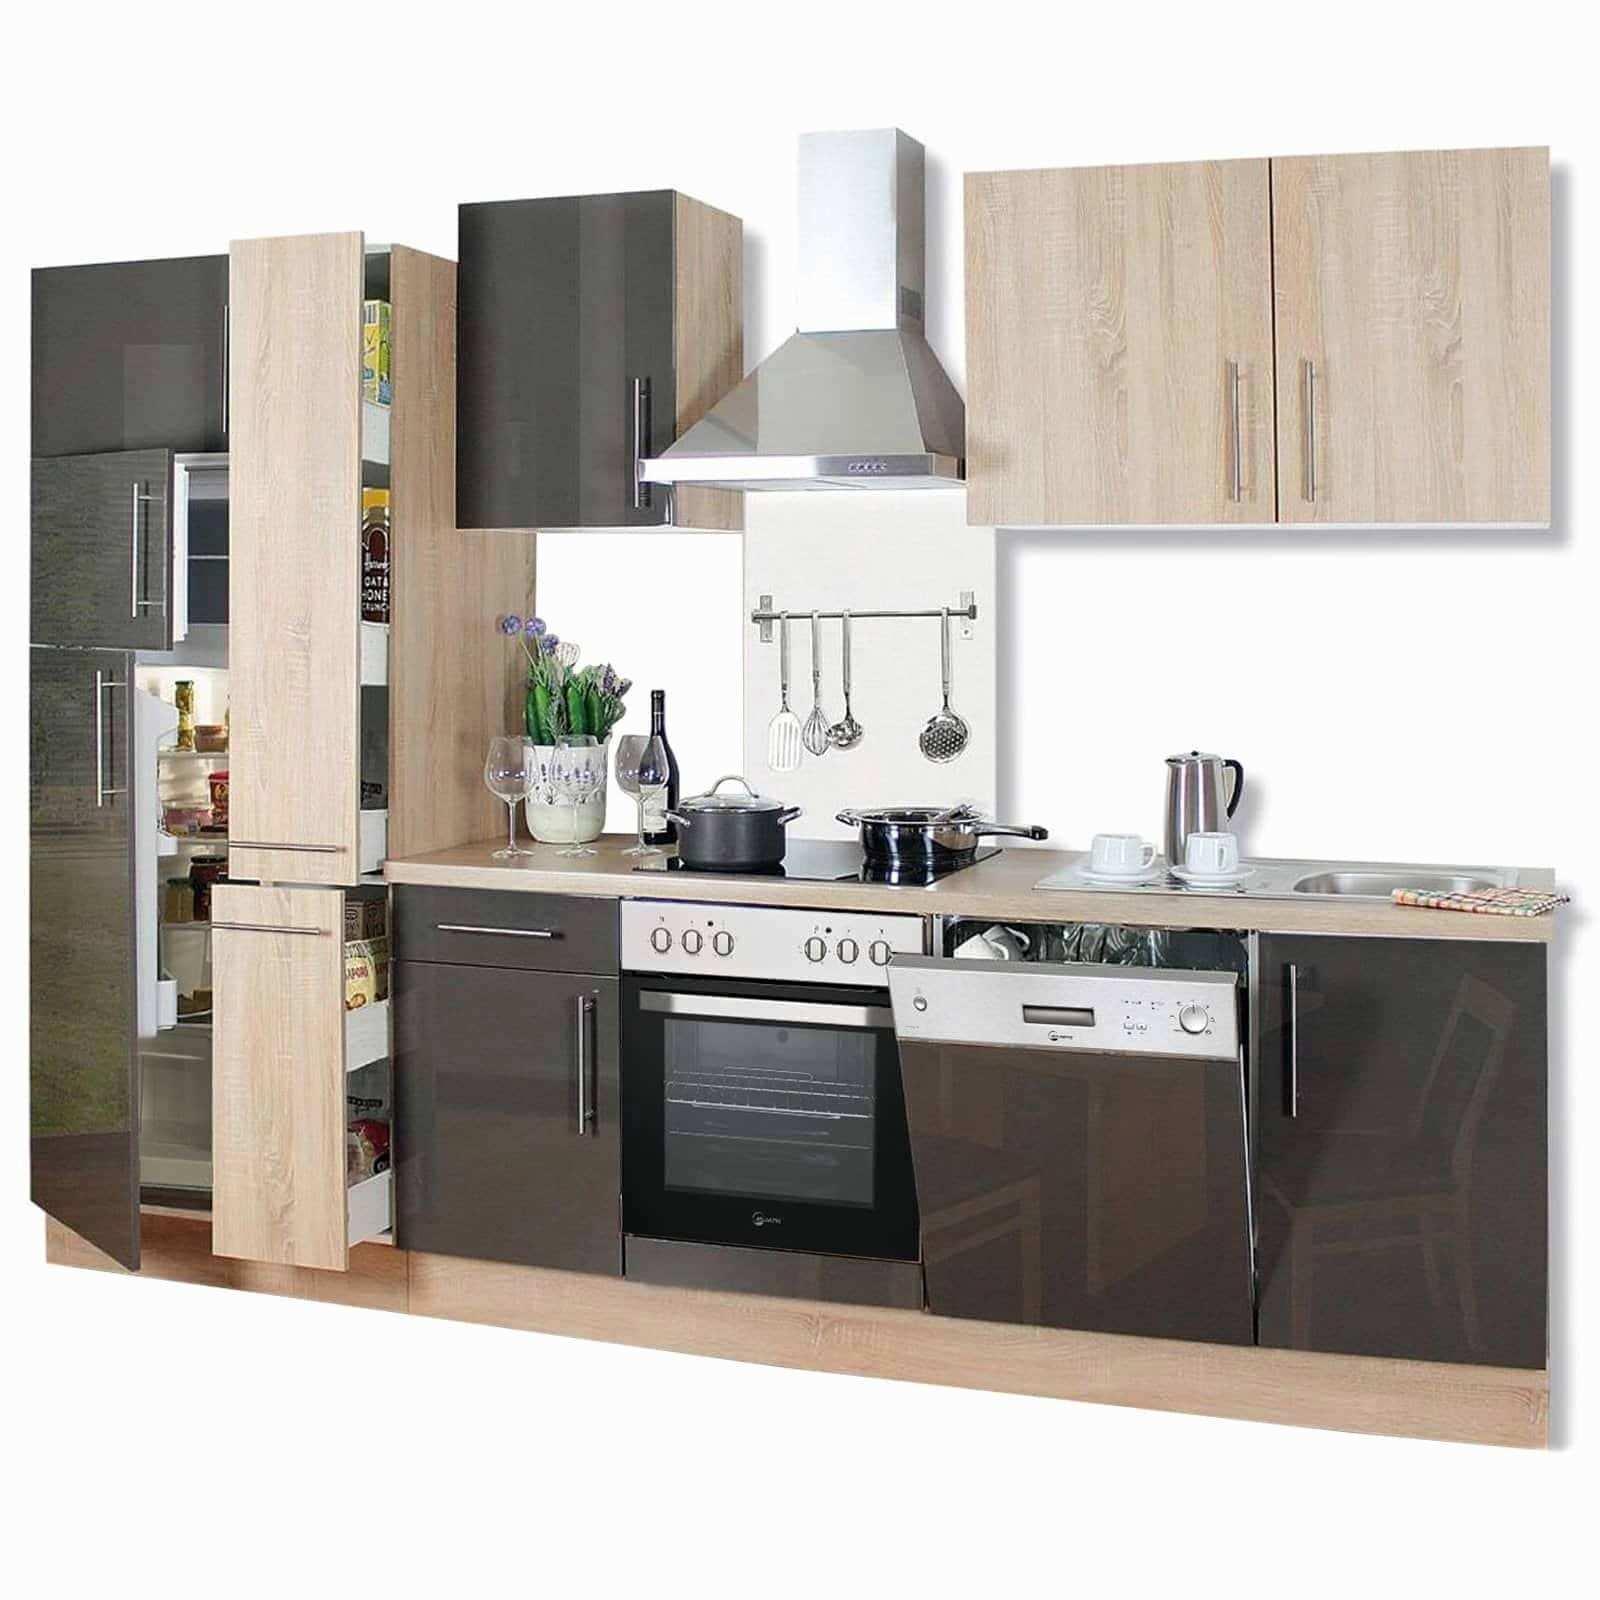 Full Size of Küchenzeile Billig Großartig Küchenzeilen Mit E Geräten Günstig Online Kaufen Auf Roller Küche Günstige Küche Mit E Geräten